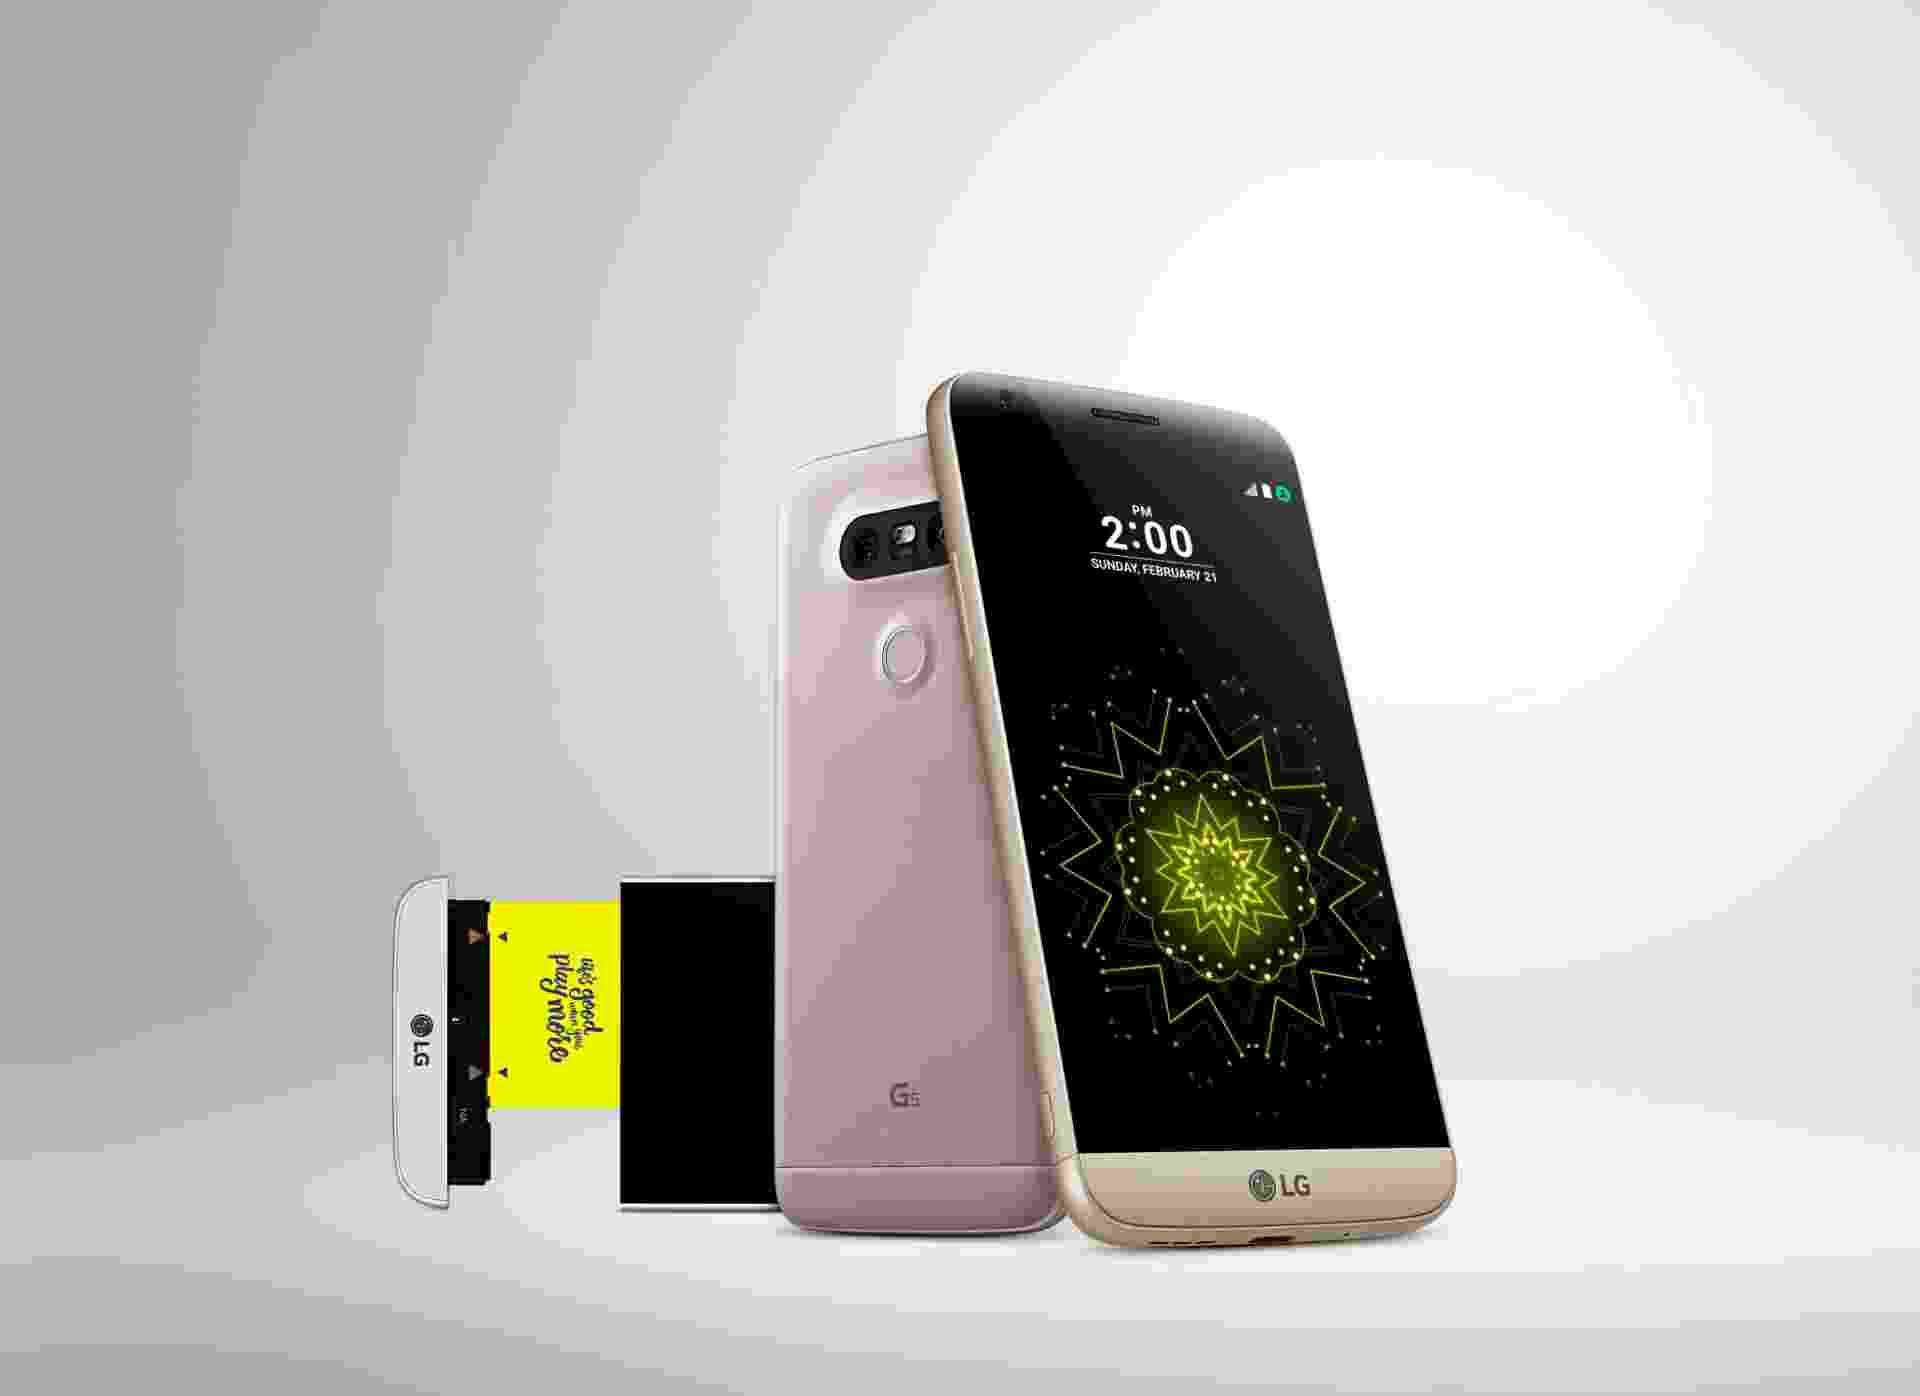 21.fev.2016 - A LG lançou o seu novo smartphone top de linha durante a Mobile World Congress, em Barcelona. O G5 ganhou um design diferenciado, com corpo metálico, sem os tradicionais botões traseiros e com o conceito de celular modular, que favoreceu a permanência da bateria removível e a adição de diferentes e inovadoras funcionalidades - Divulgação